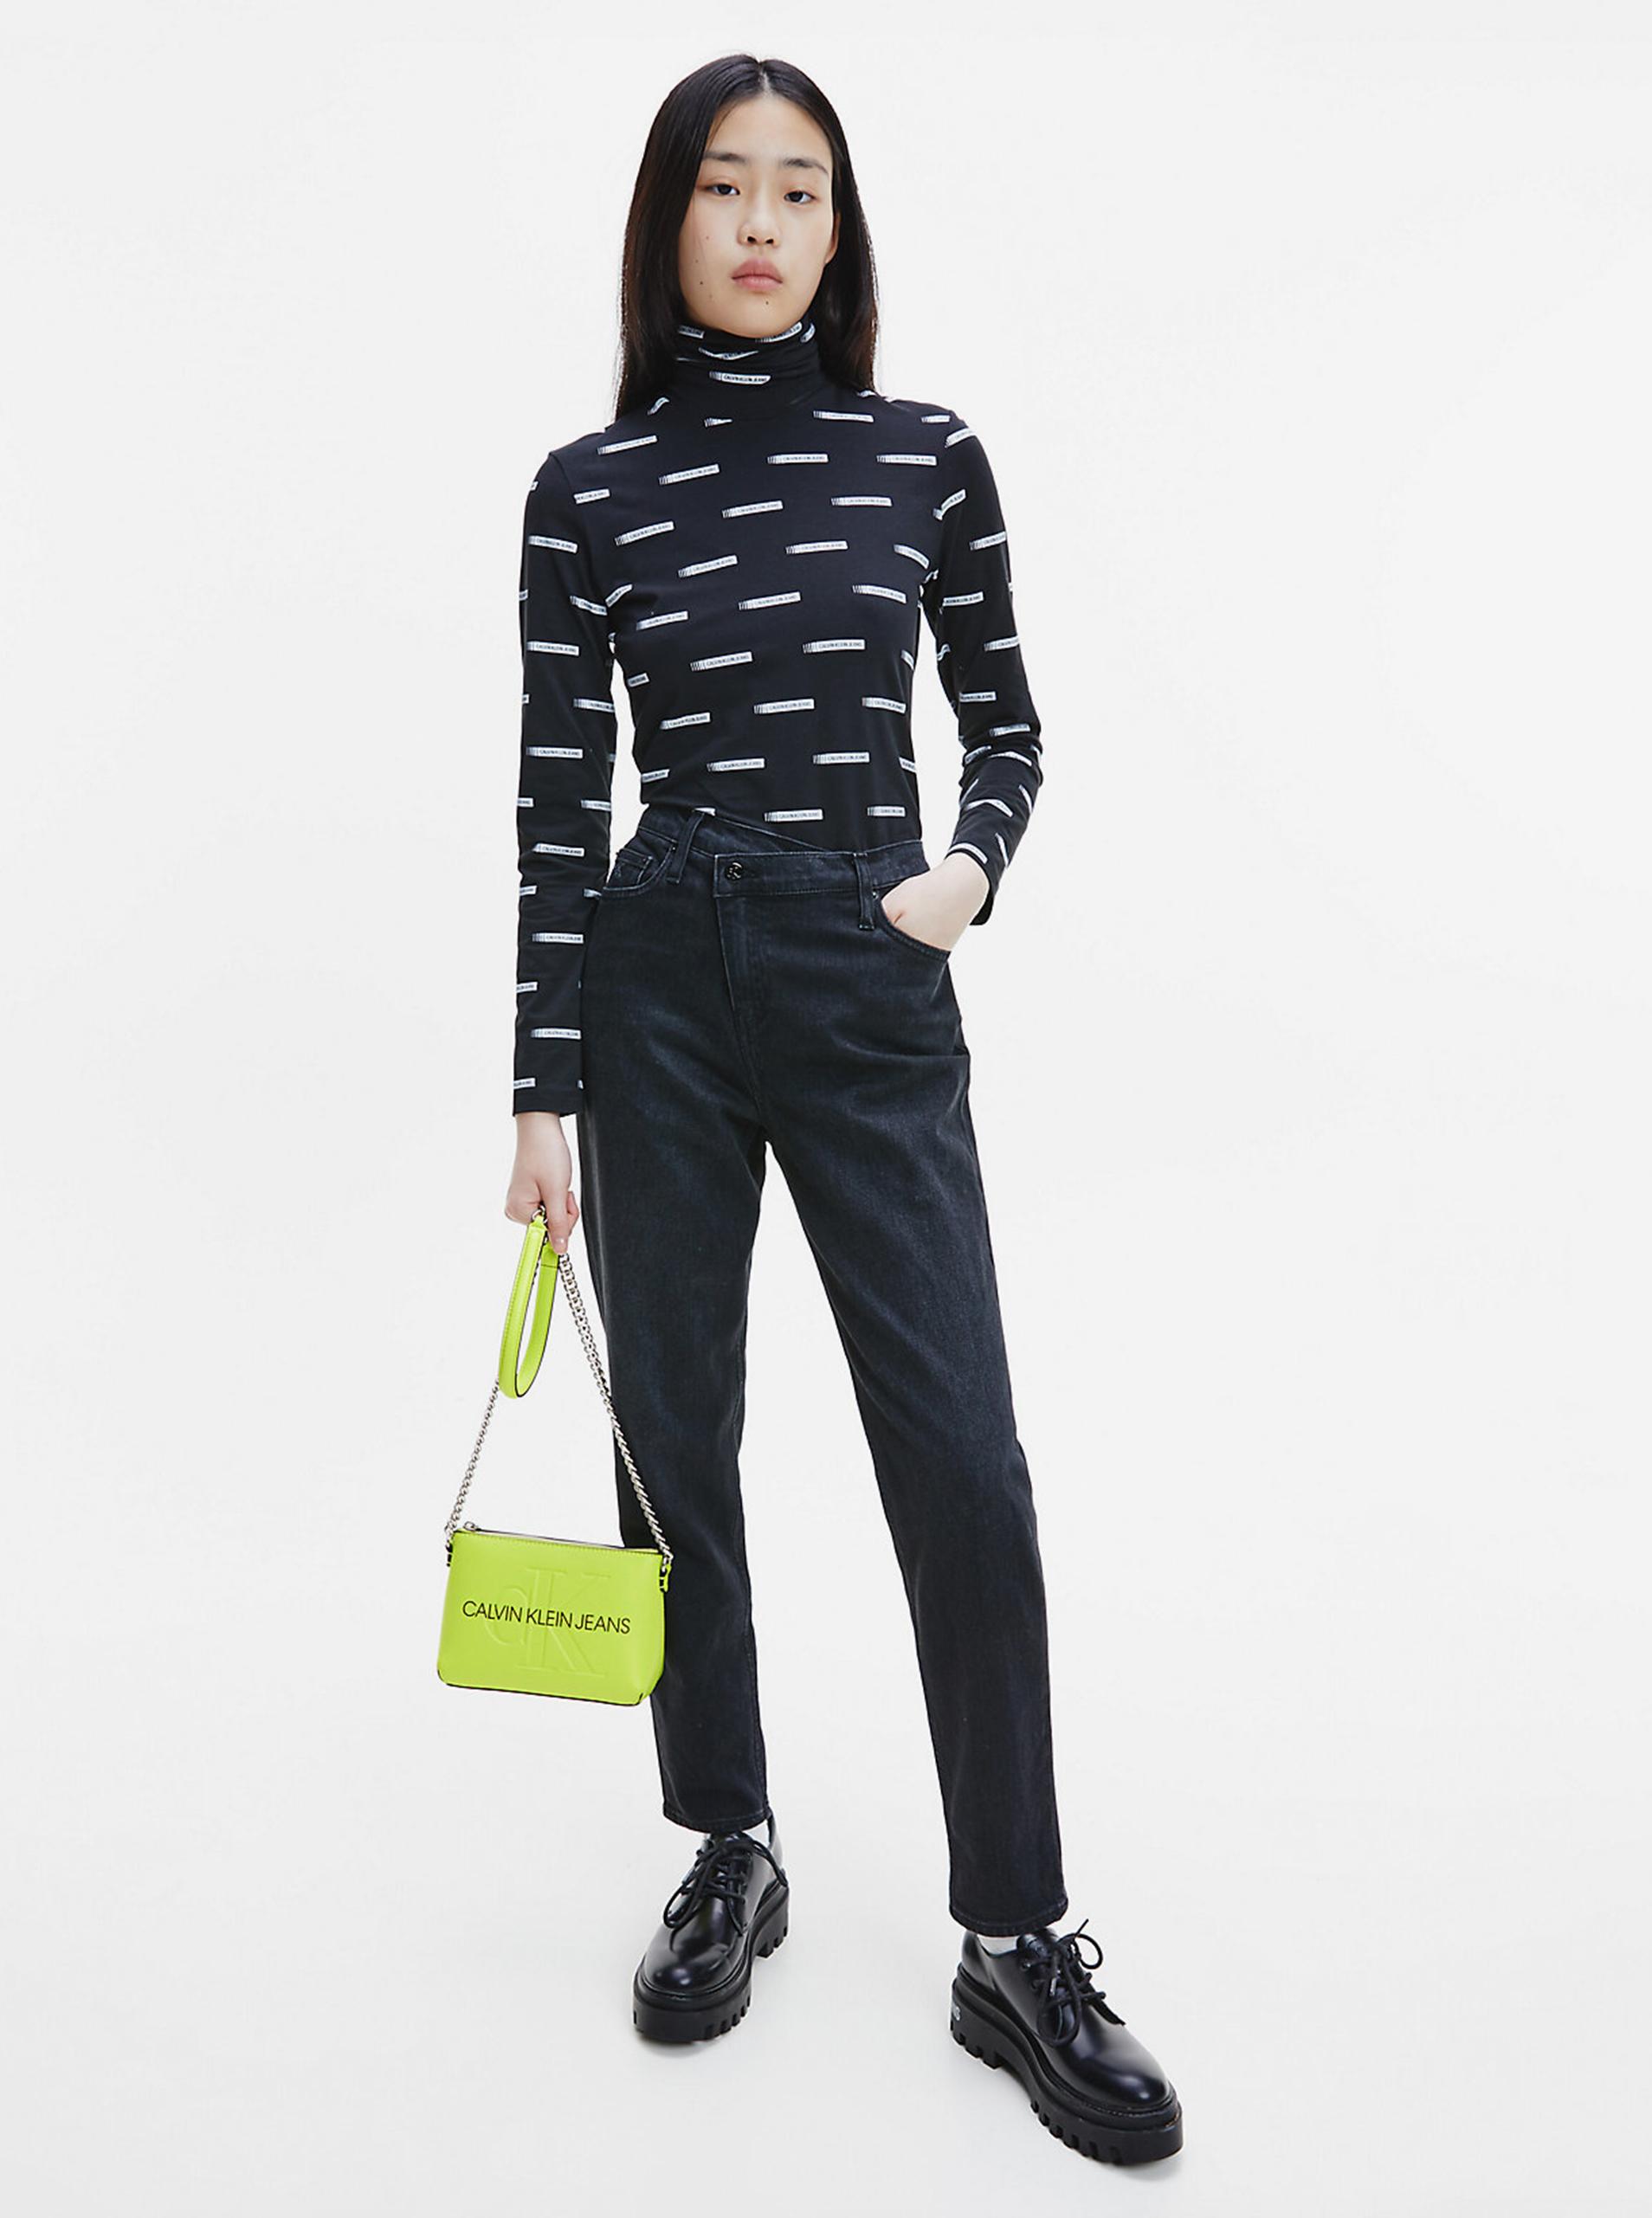 Calvin Klein green crossbody handbag